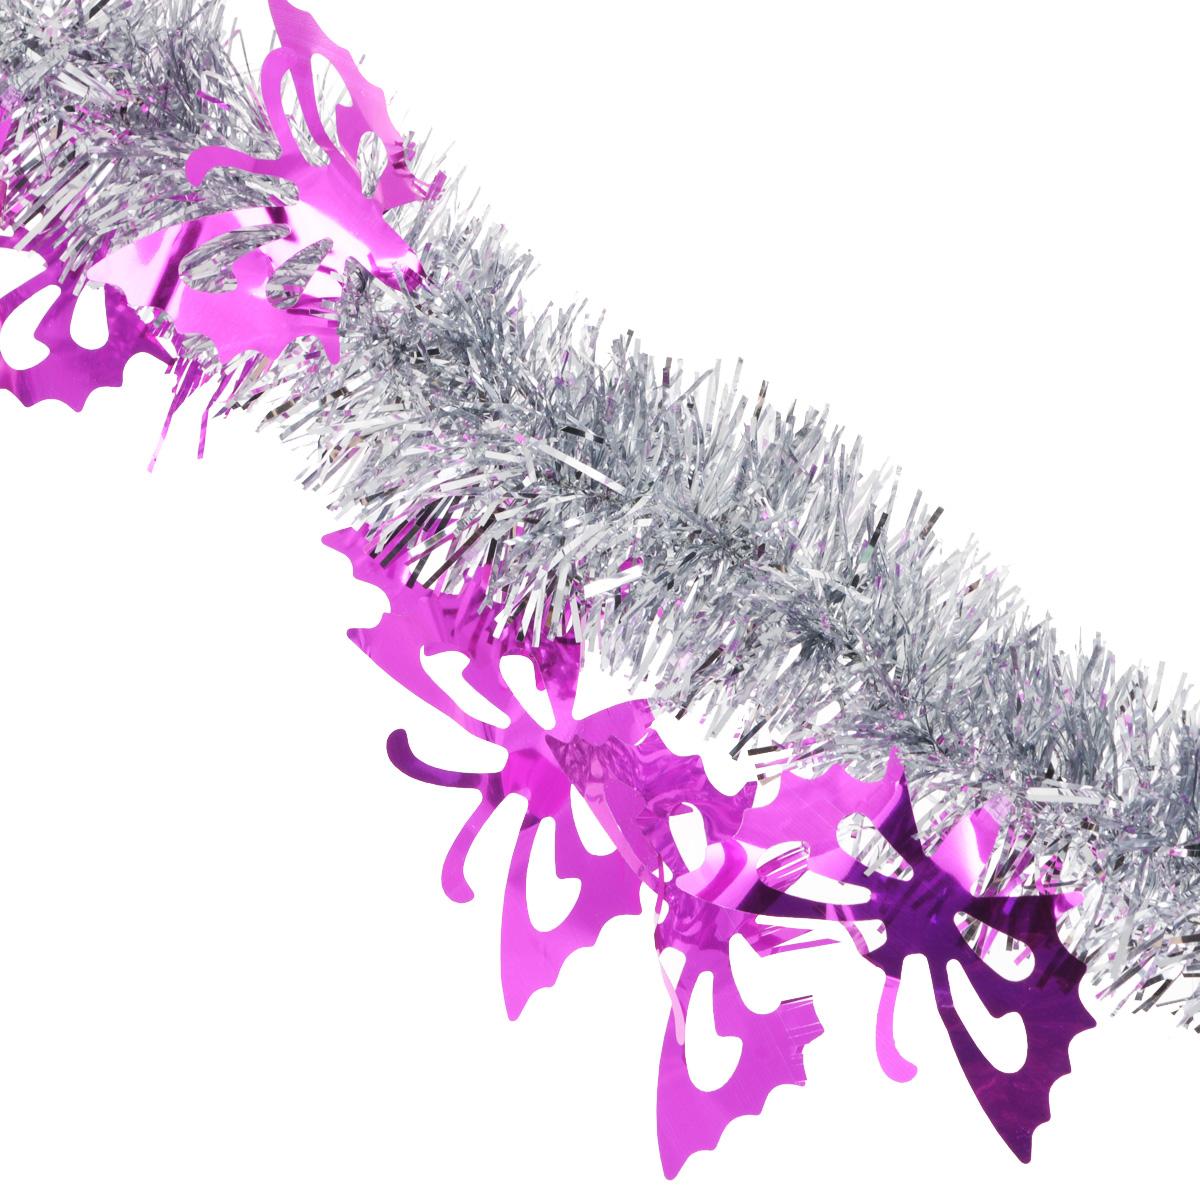 Мишура новогодняя Sima-land, цвет: серебристый, фиолетовый, диаметр 5 см, длина 200 см825981Мишура новогодняя Sima-land, выполненная из двухцветной фольги, поможет вам украсить свой дом к предстоящим праздникам. Мишура армирована, то есть имеет проволоку внутри и способна сохранять приданную ей форму. Новогодняя елка с таким украшением станет еще наряднее. Новогодней мишурой можно украсить все, что угодно - елку, квартиру, дачу, офис - как внутри, так и снаружи. Можно сложить новогодние поздравления, буквы и цифры, мишурой можно украсить и дополнить гирлянды, можно выделить дверные колонны, оплести дверные проемы. Мишура принесет в ваш дом ни с чем несравнимое ощущение праздника! Создайте в своем доме атмосферу тепла, веселья и радости, украшая его всей семьей.